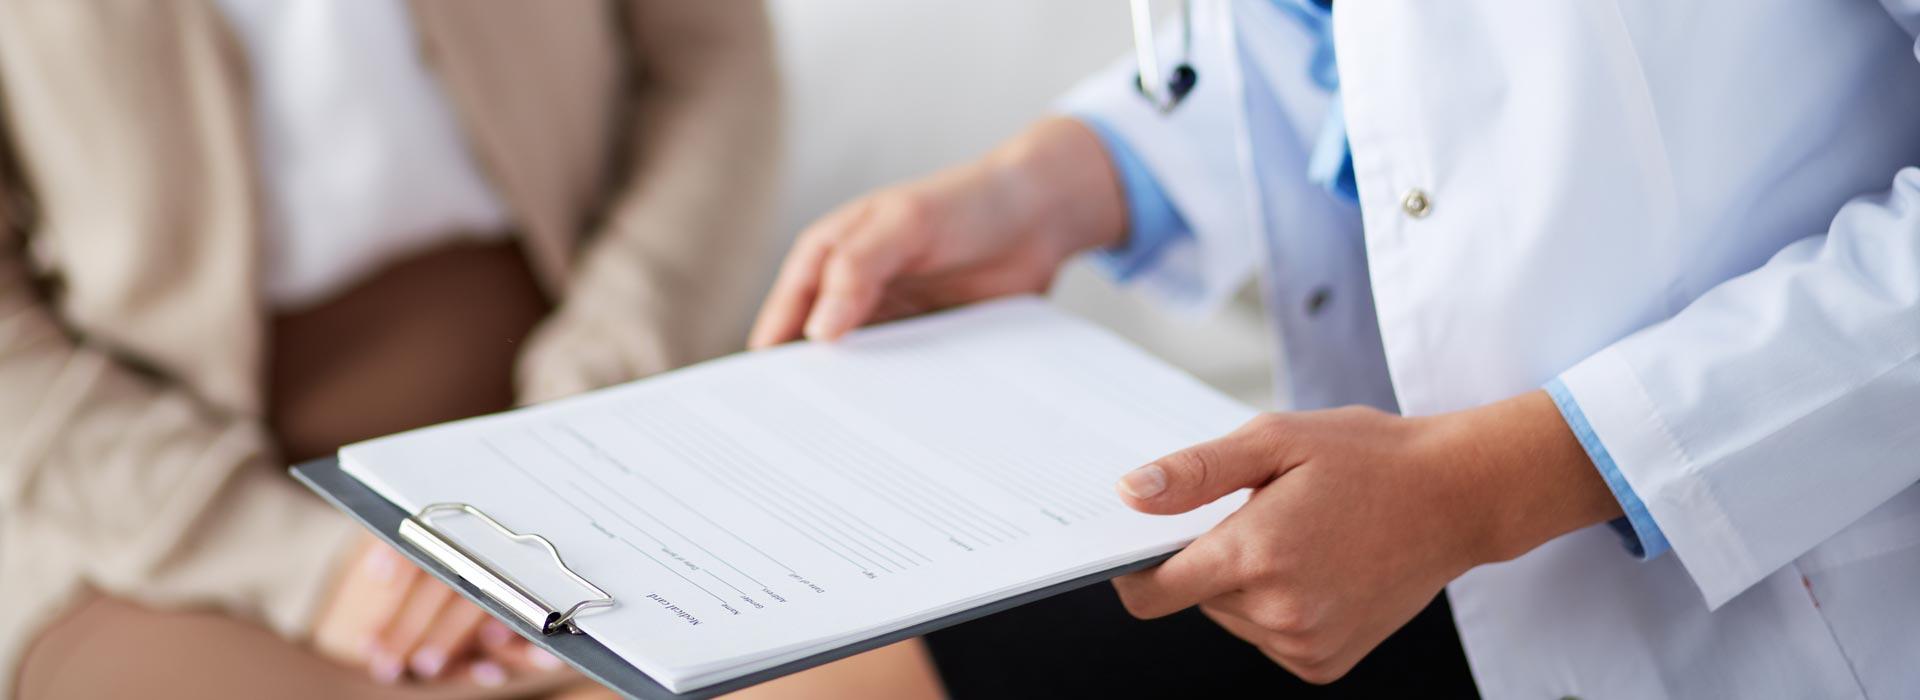 Lekarz prezentujący pacjentce wynik badania.